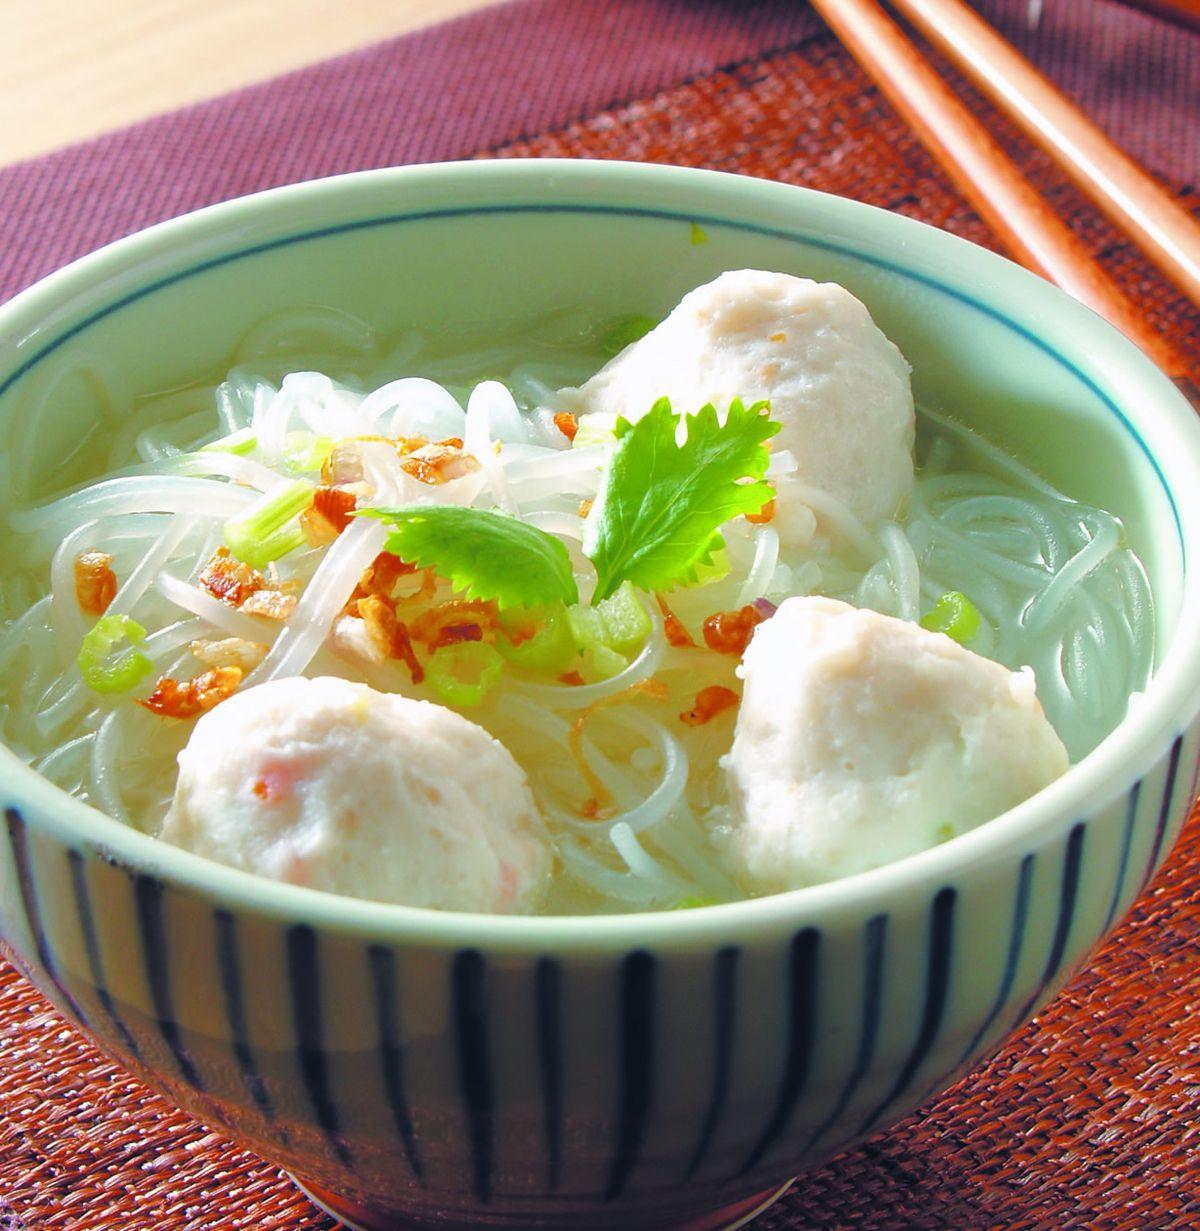 食譜:魚丸米粉湯